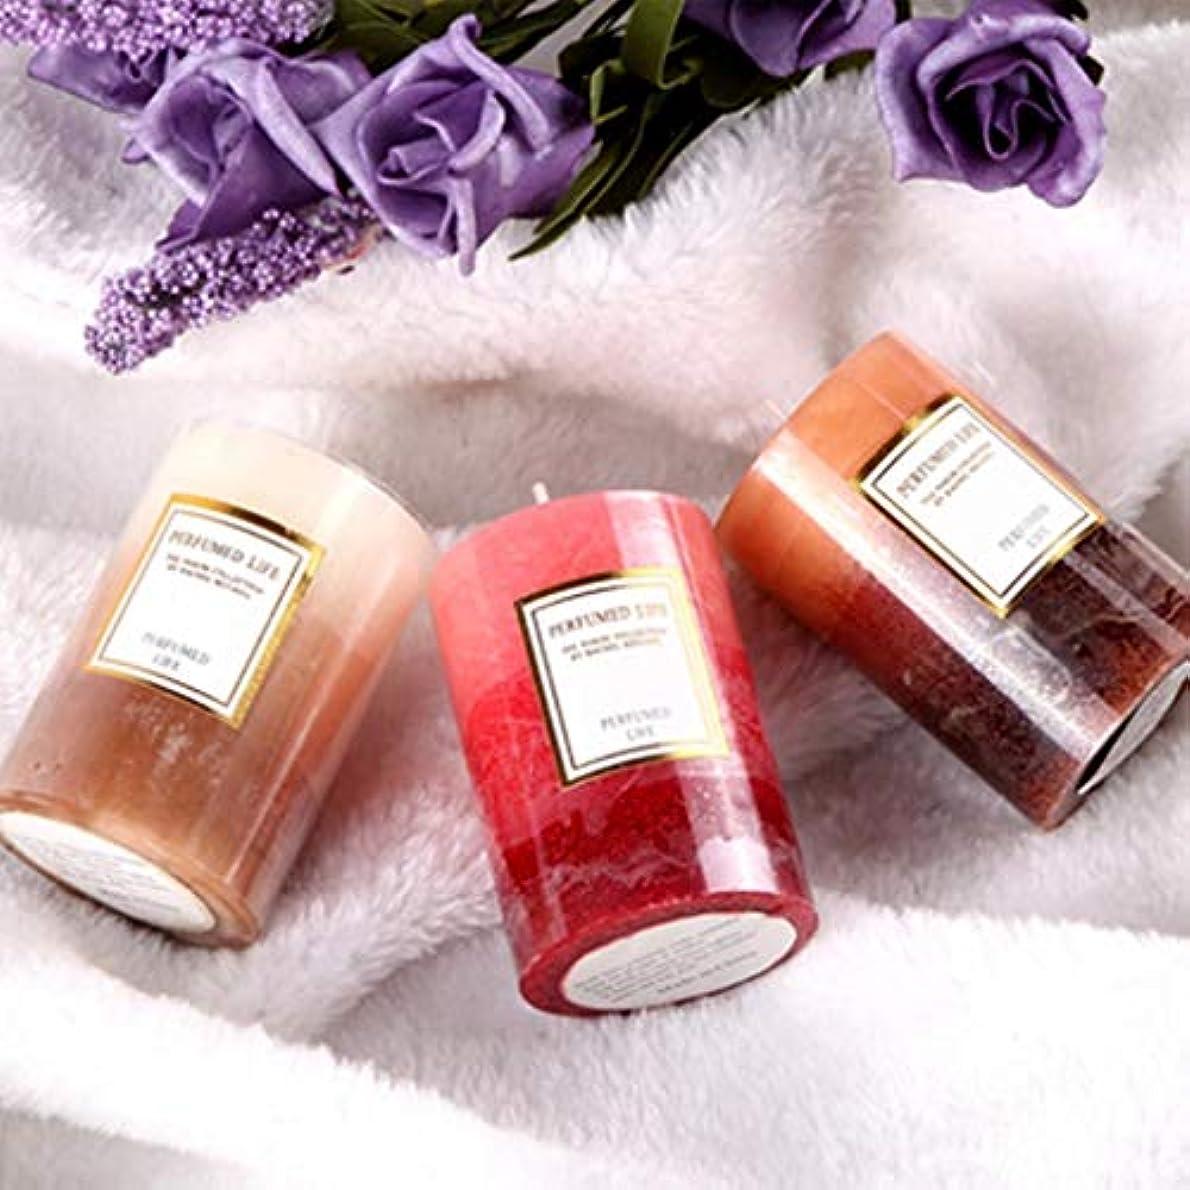 クリームアリーナガイドラインラオハオ アロマキャンドルホーム植物大豆ワックス無煙香りロマンチック燃焼20時間3ピース 屋内アロマセラピー (Color : Mixed incense)